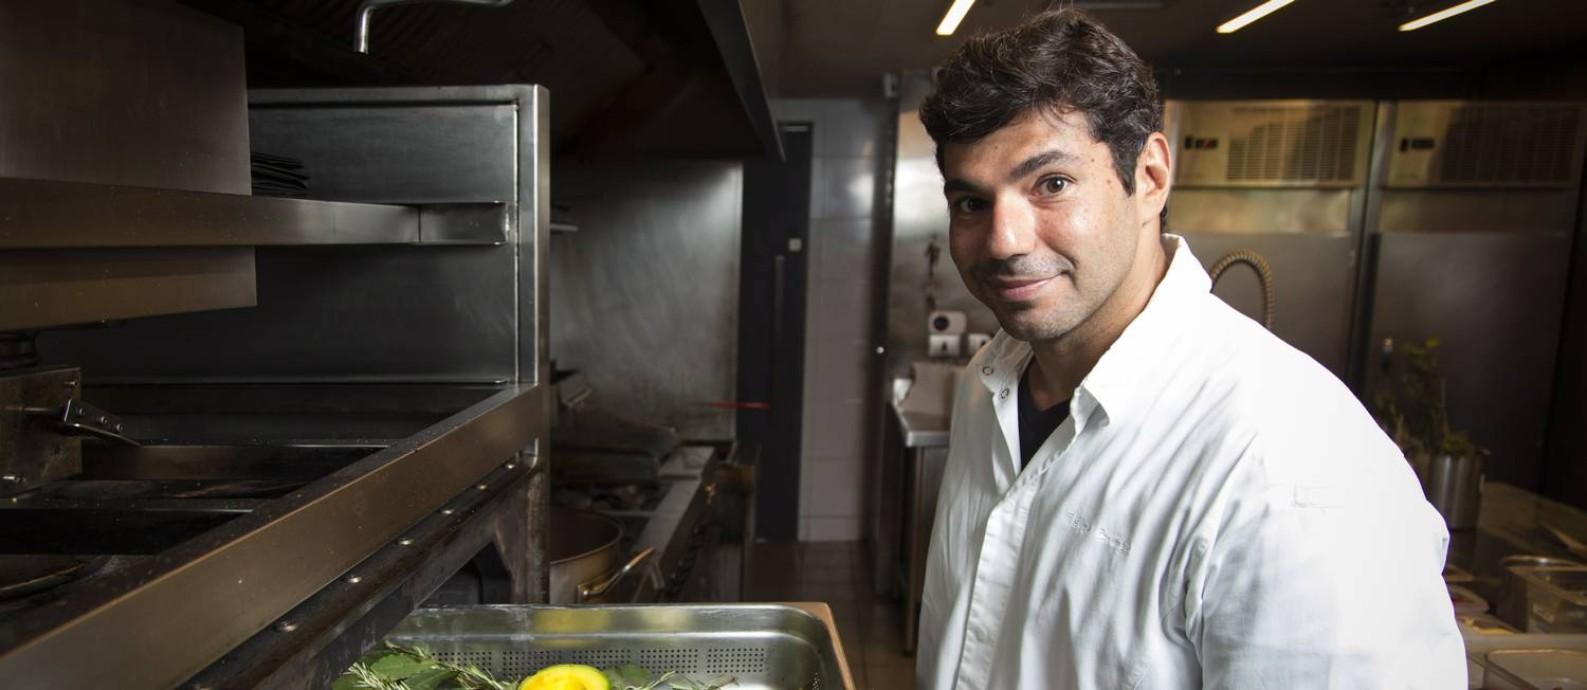 O chef Felipe Bronze, na cozinha do Pipo, com assadeira em mãos antes de defumar o abacate com louro, tomilho e alecrim Foto: Leo Martins / Agência O Globo